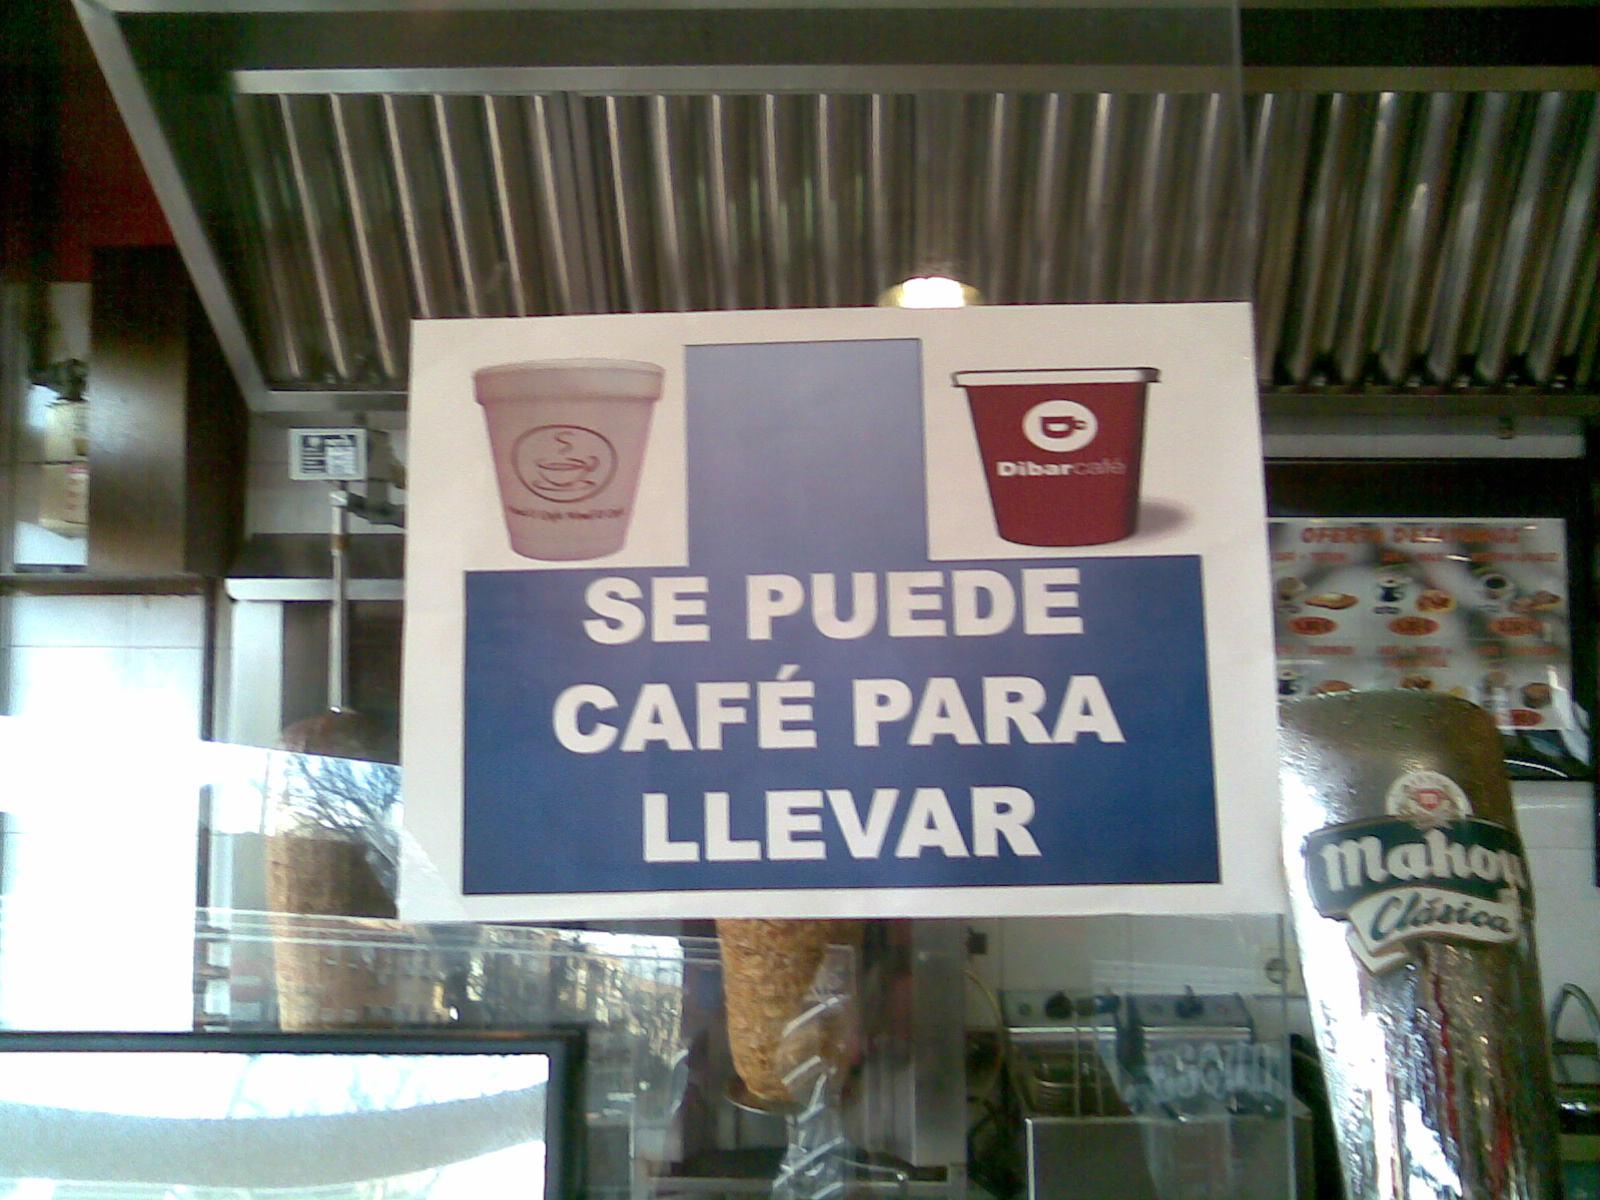 Be what you see caf para llevar for Cafe para llevar